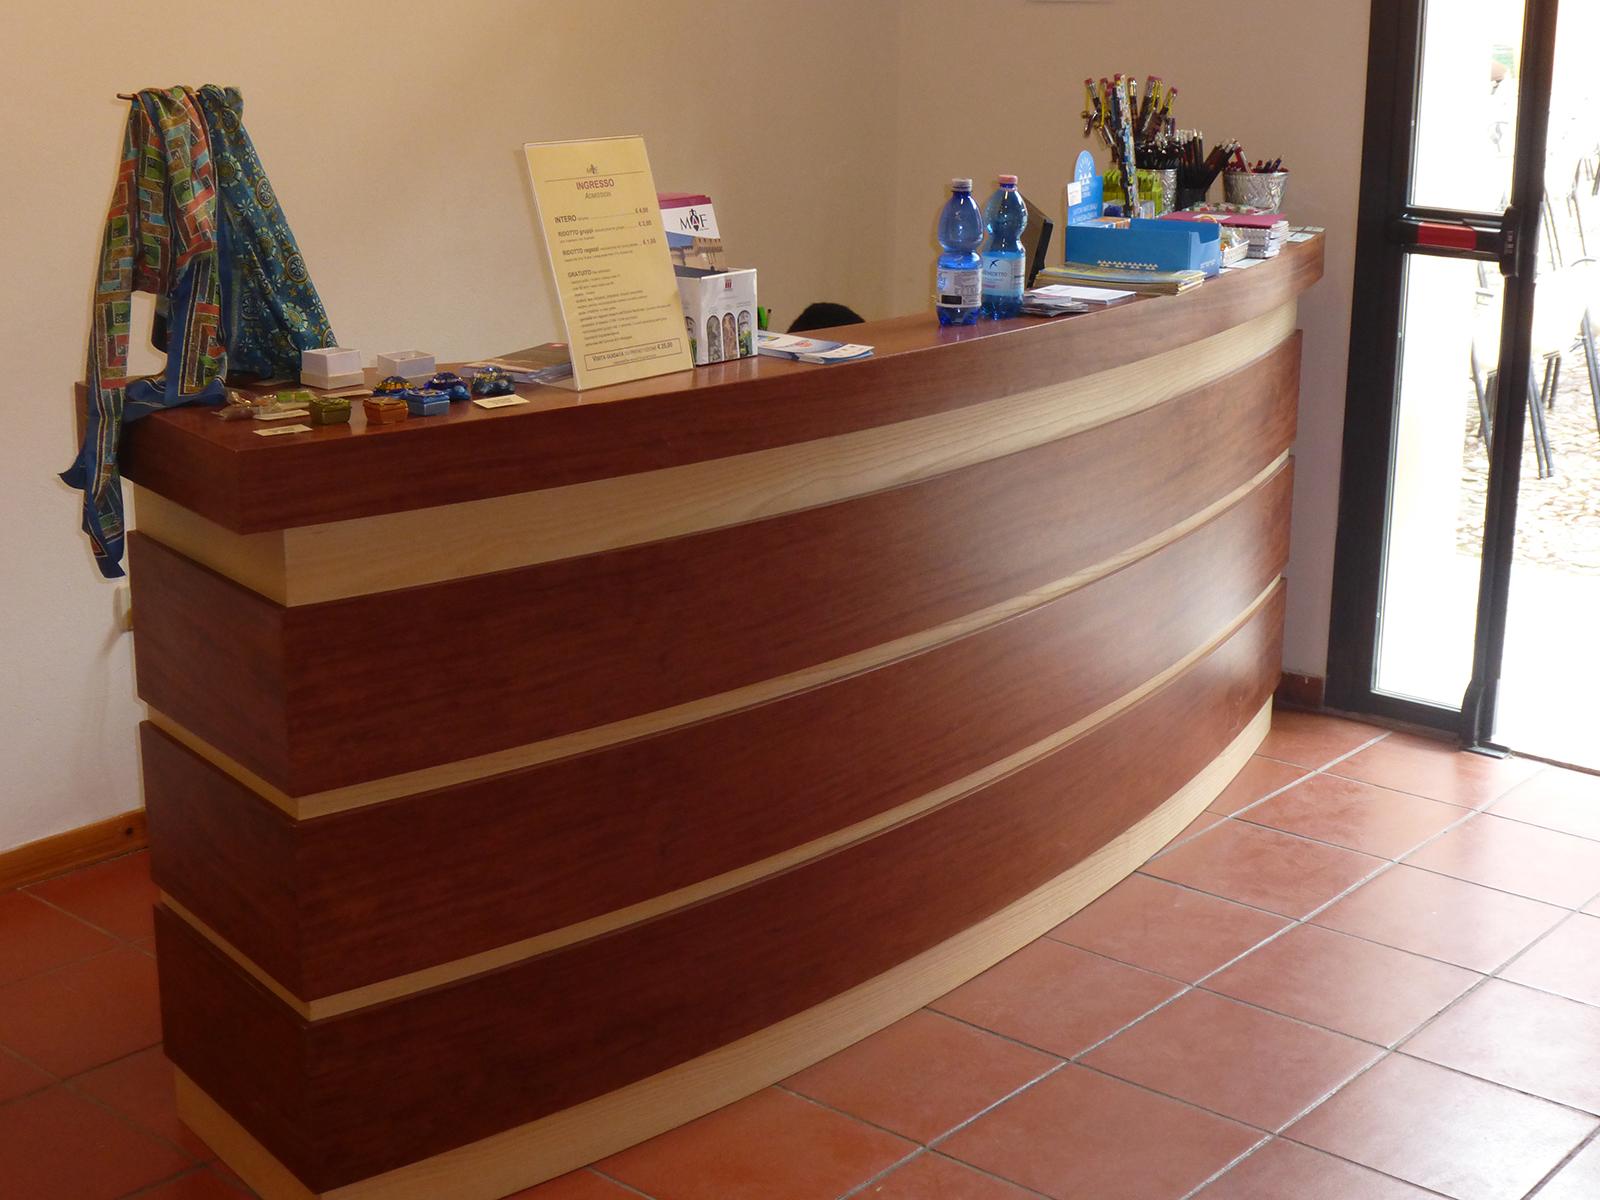 Arredi su misura Forlì Cesena, banco ingresso museo di Forlimpopoli –Farolfi Arredamenti